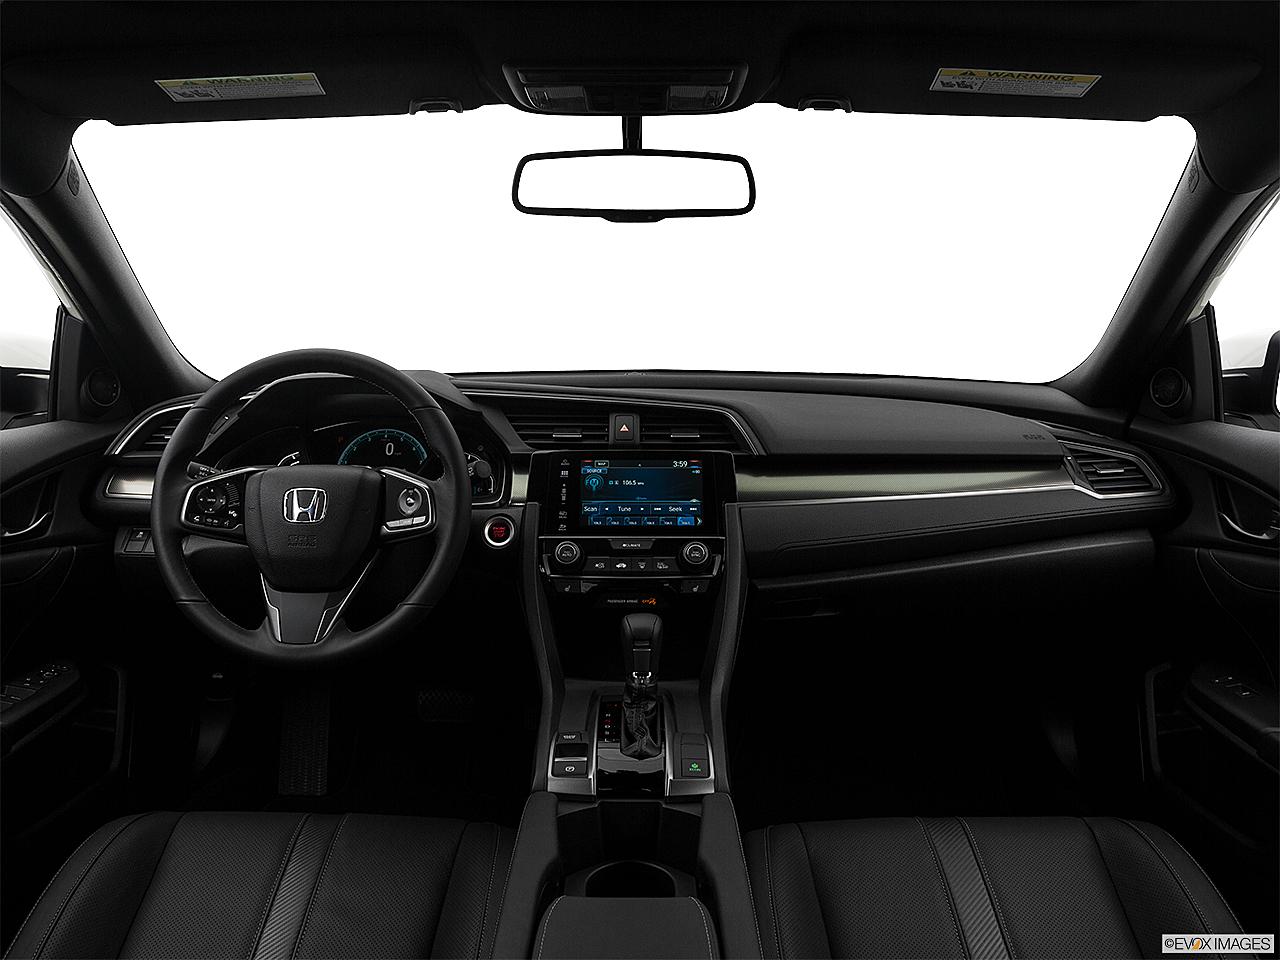 2017 Honda Civic Hatchback Lx Centered Wide Dash Shot